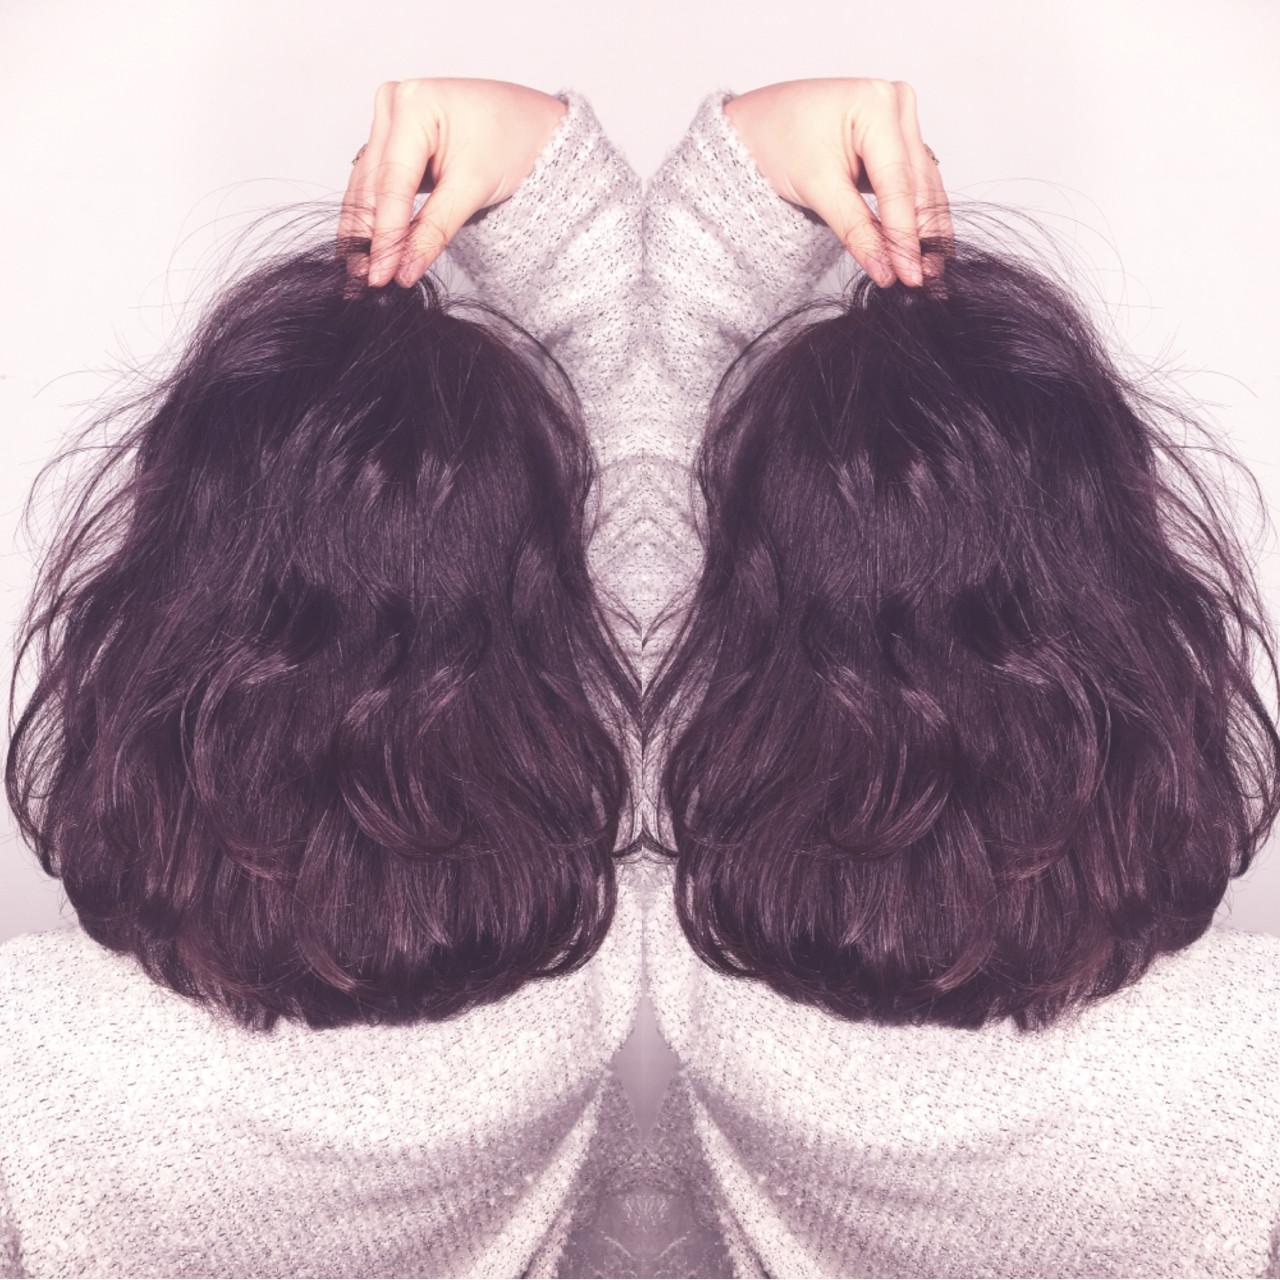 ガーリー ボブ デート パーマ ヘアスタイルや髪型の写真・画像 | 筒井 隆由 / Hair salon mode